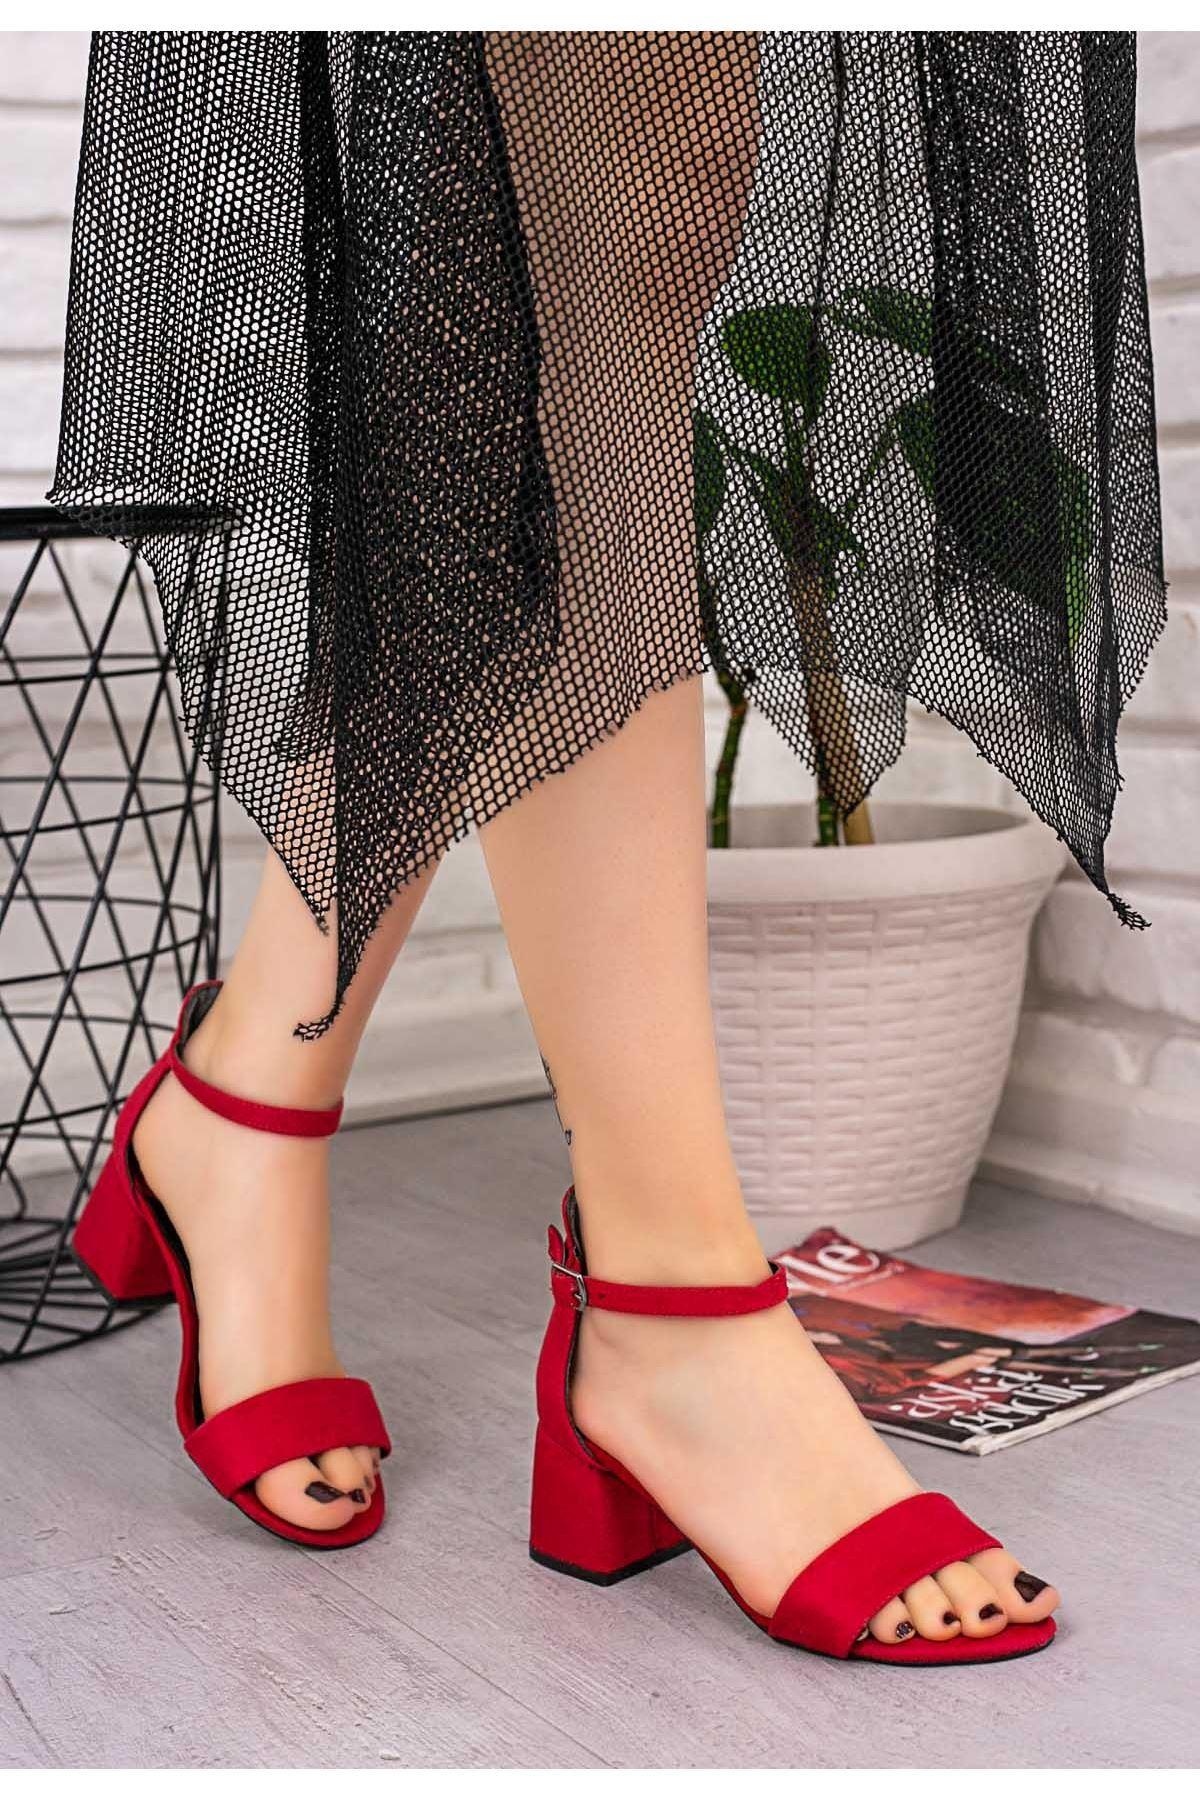 Epon Kırmızı Süet Tek Bant Topuklu Ayakkabı